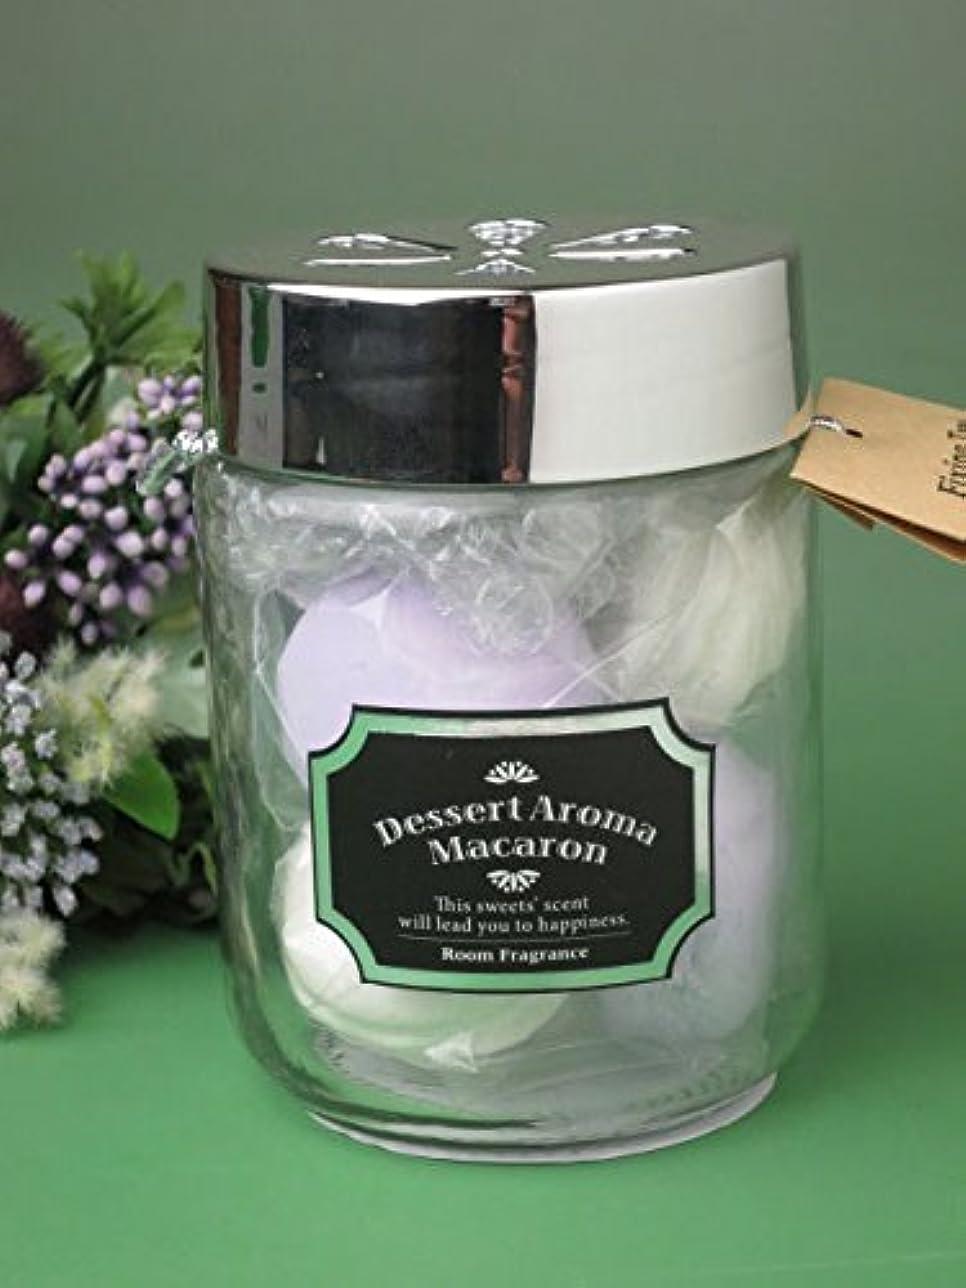 親愛な実験室うがい薬( デザートアロマ マカロン 芳香剤 ラベンダークリームの香り ) アロマ ルームフレグランス